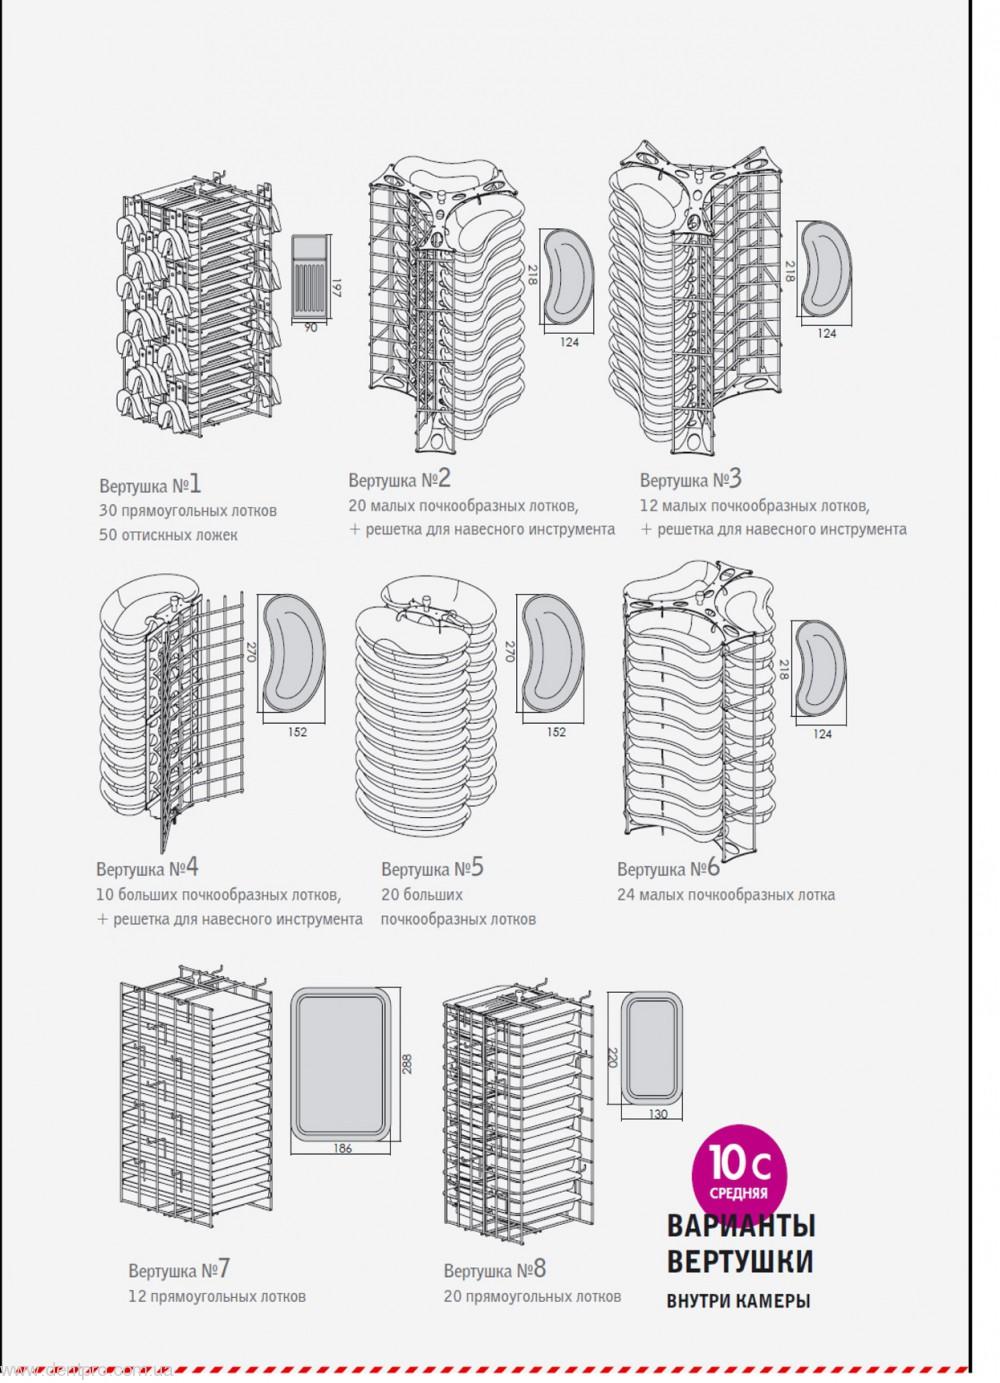 УФ камера вертикальная, для хранения стерильного инструмента ПАНМЕД-10 - 6